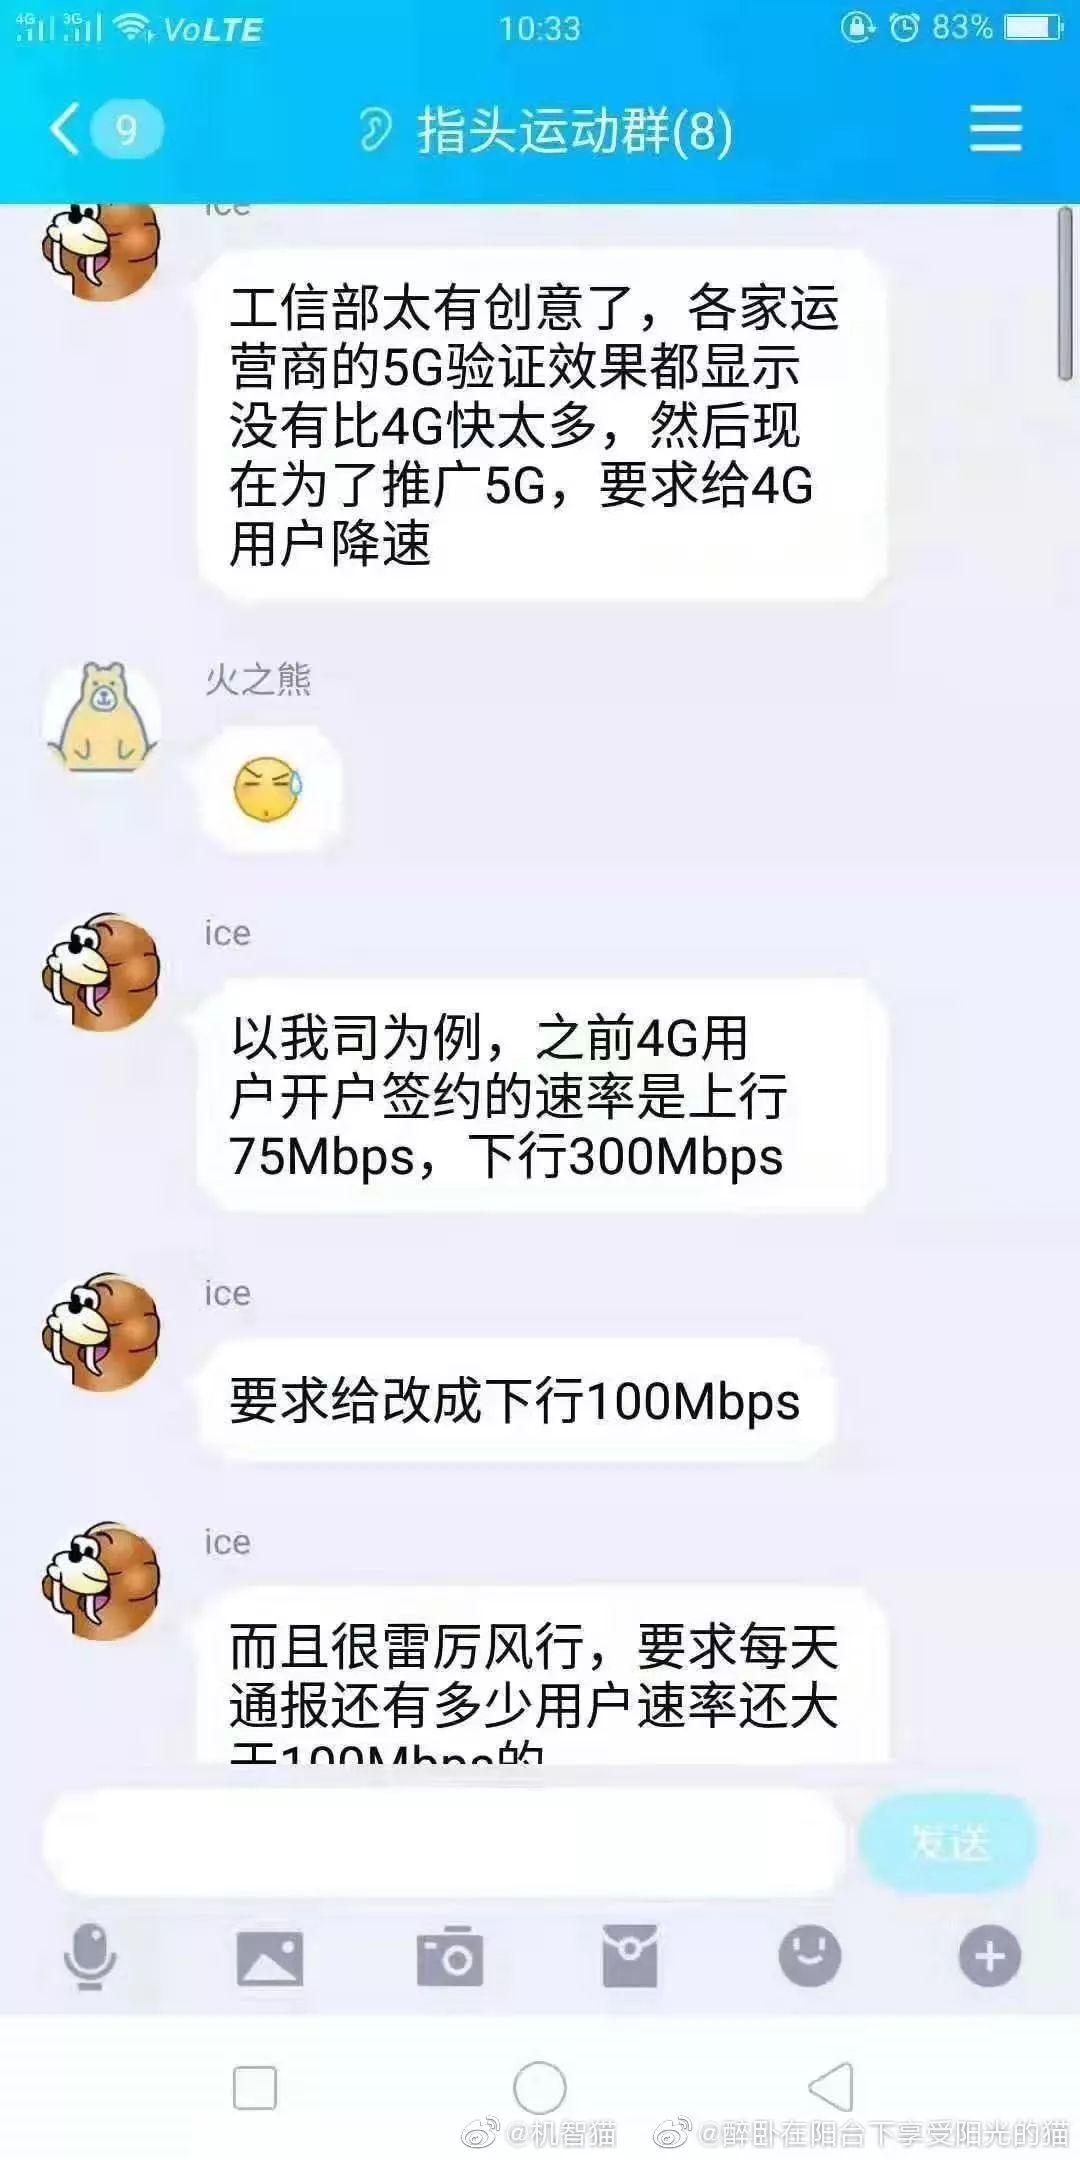 降低4G速度是为推行5G?移动联通电信客服均否定